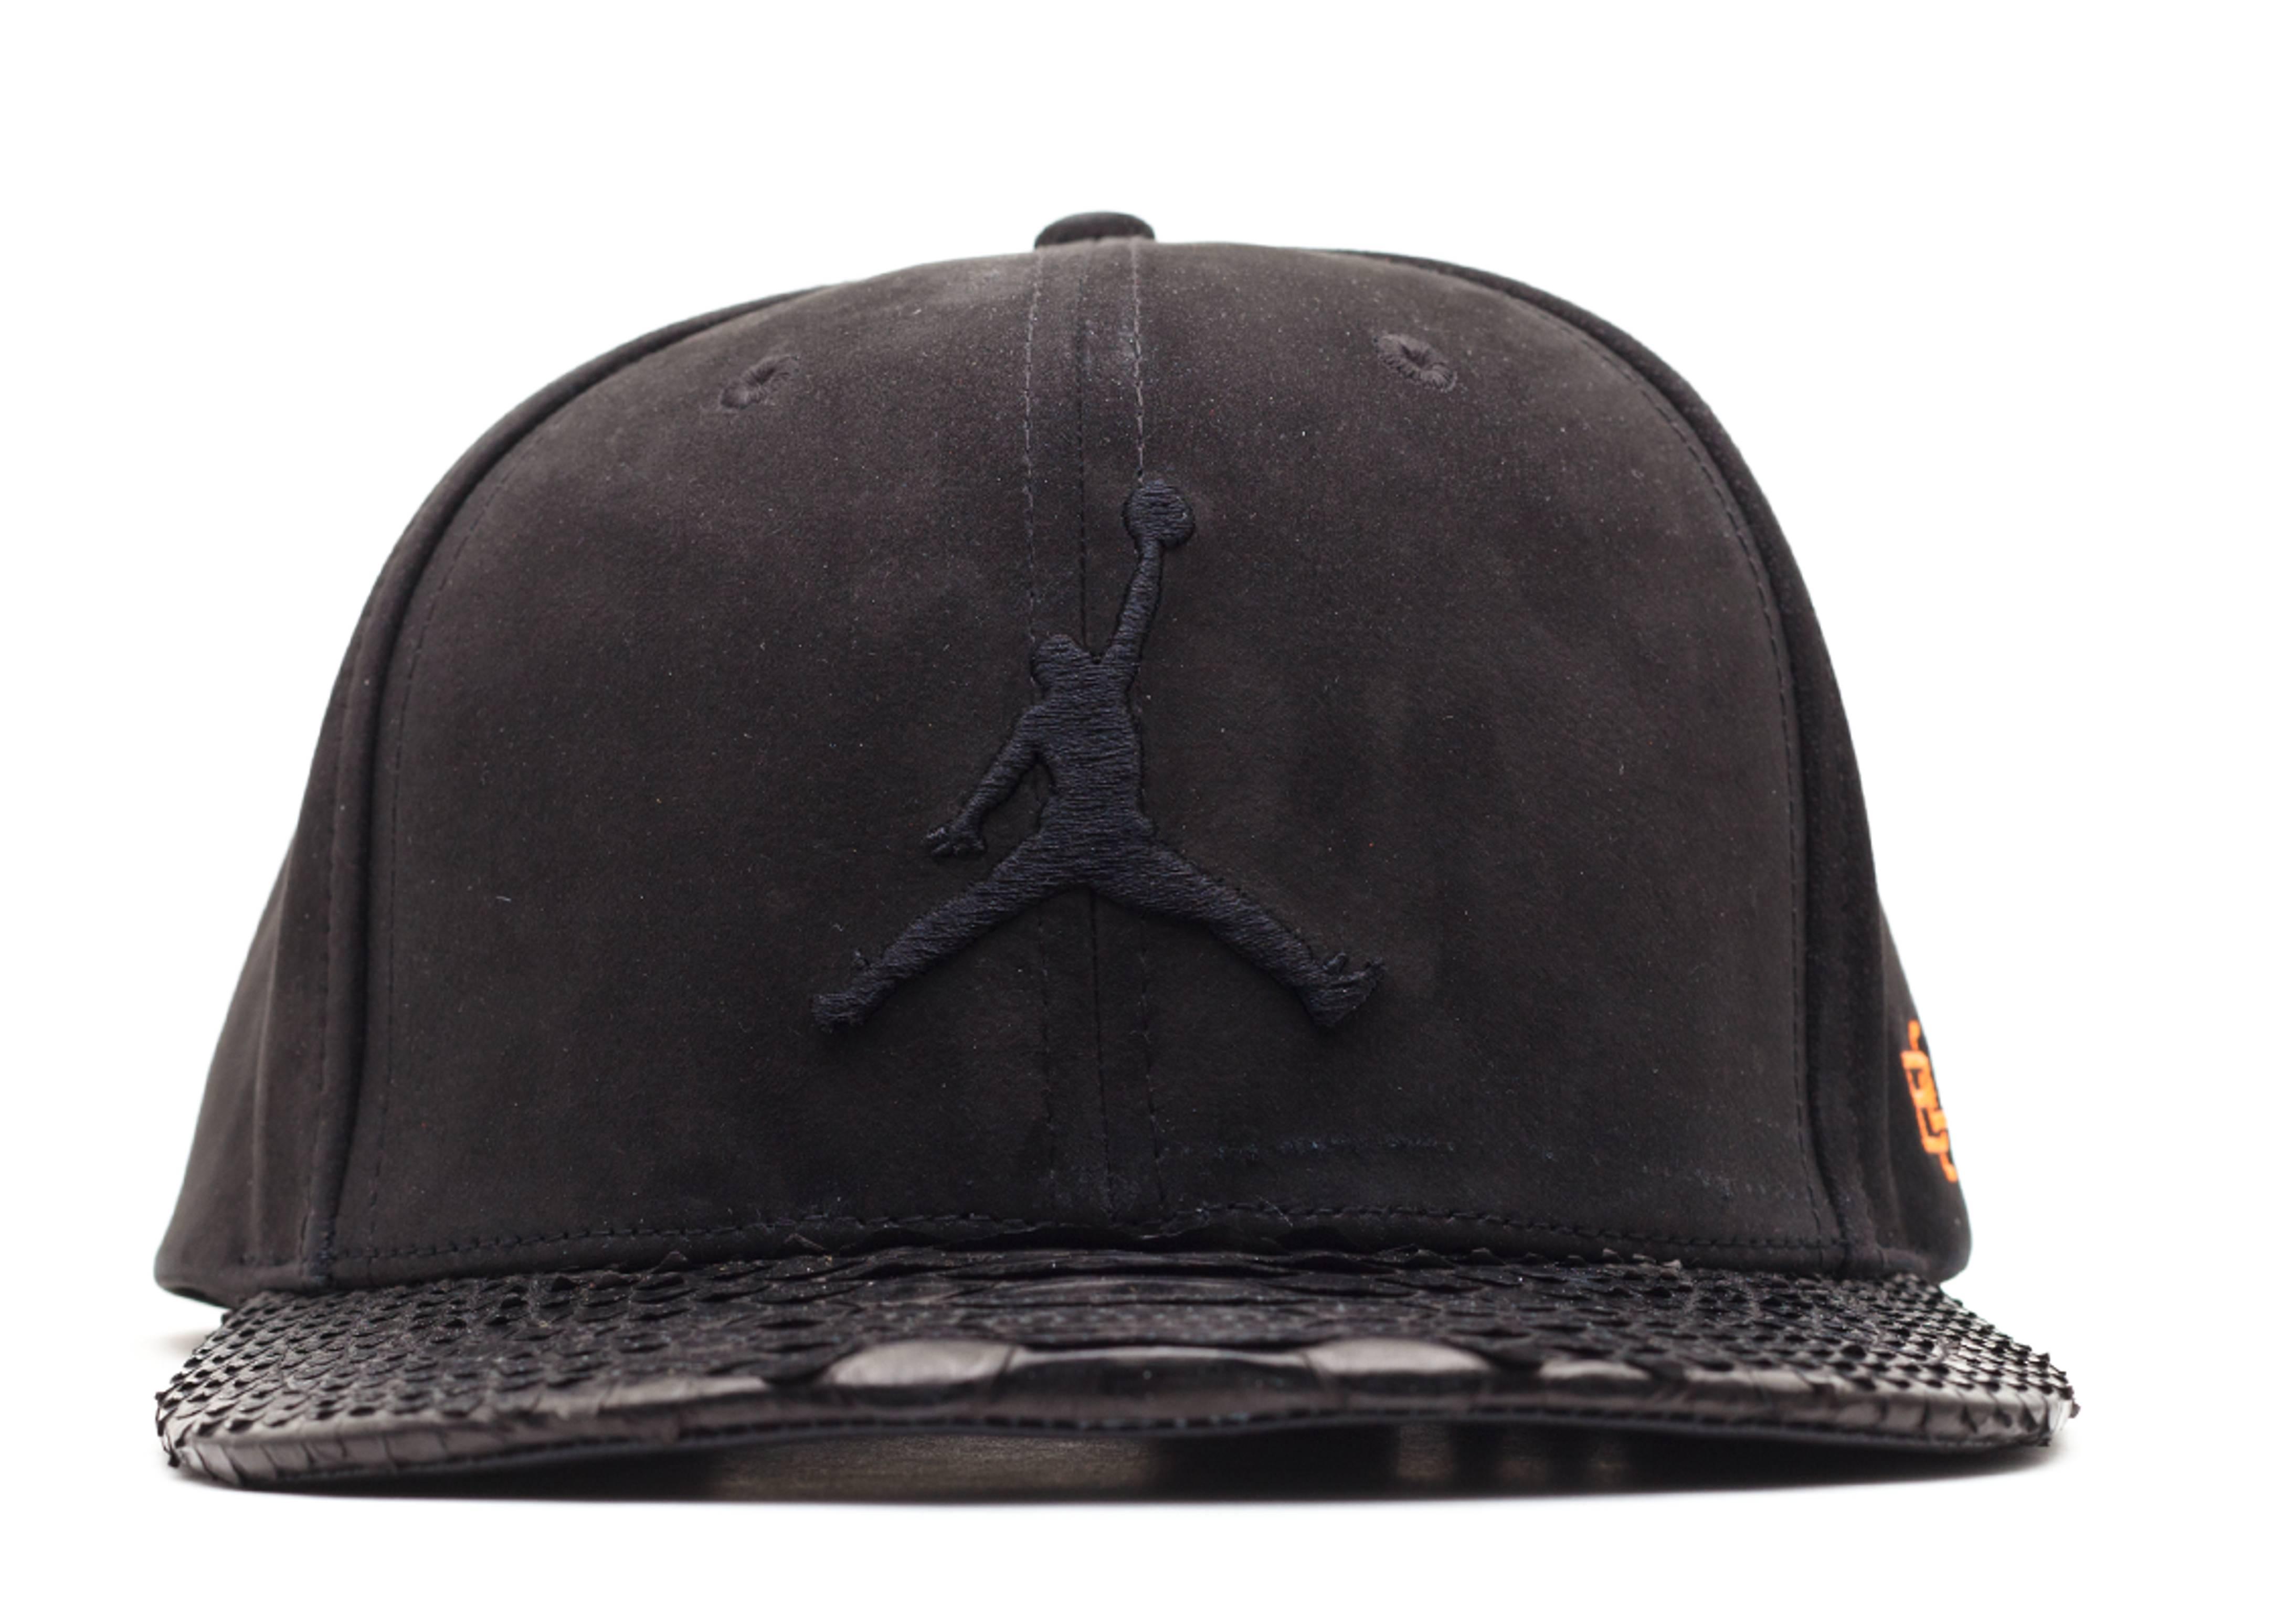 bdf33bc96075 Air Jordan 1 High Strap